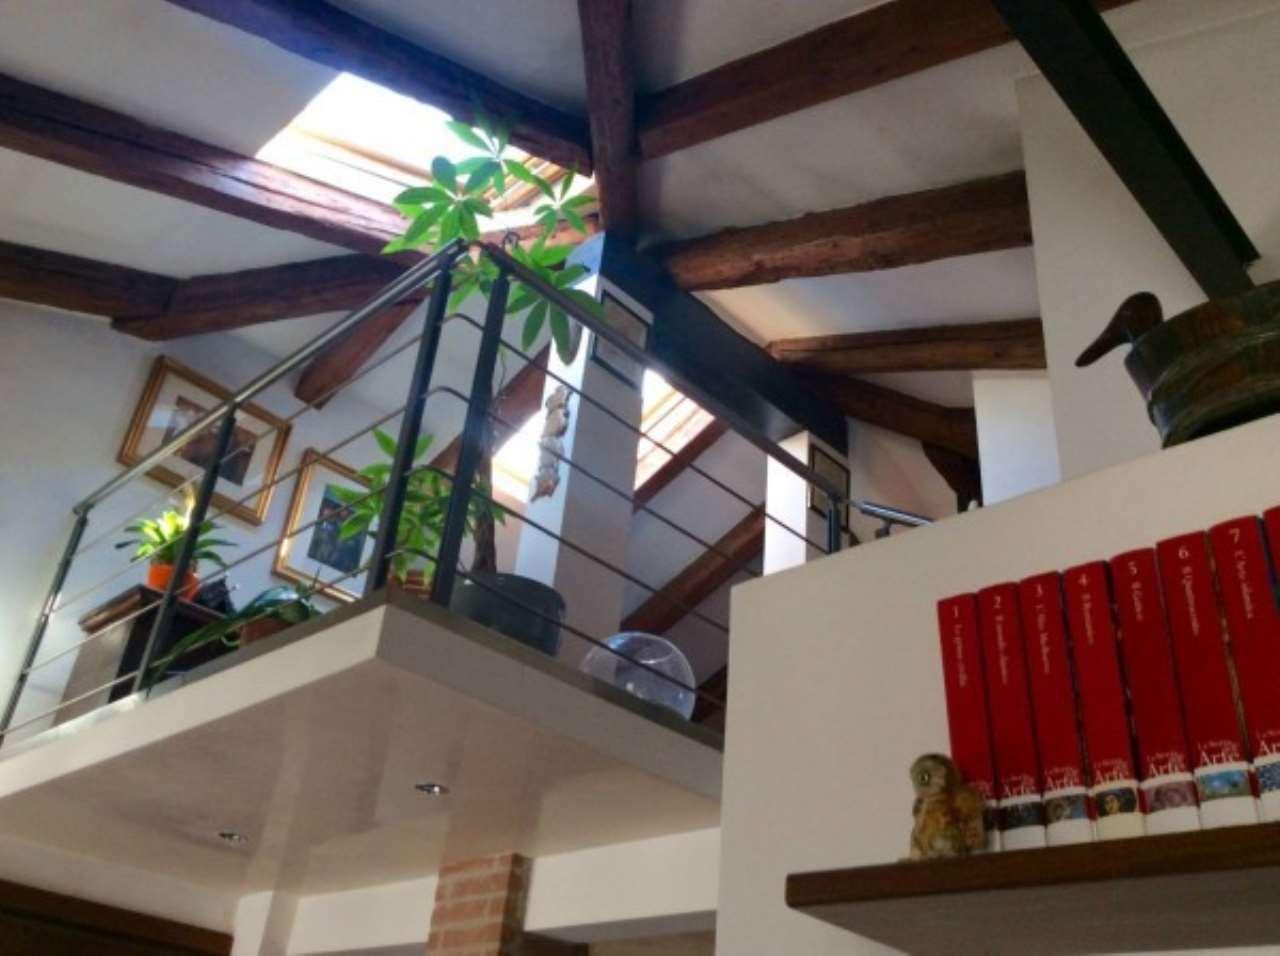 Attico / Mansarda in vendita a Venezia, 4 locali, zona Zona: 11 . Mestre, prezzo € 260.000 | Cambio Casa.it